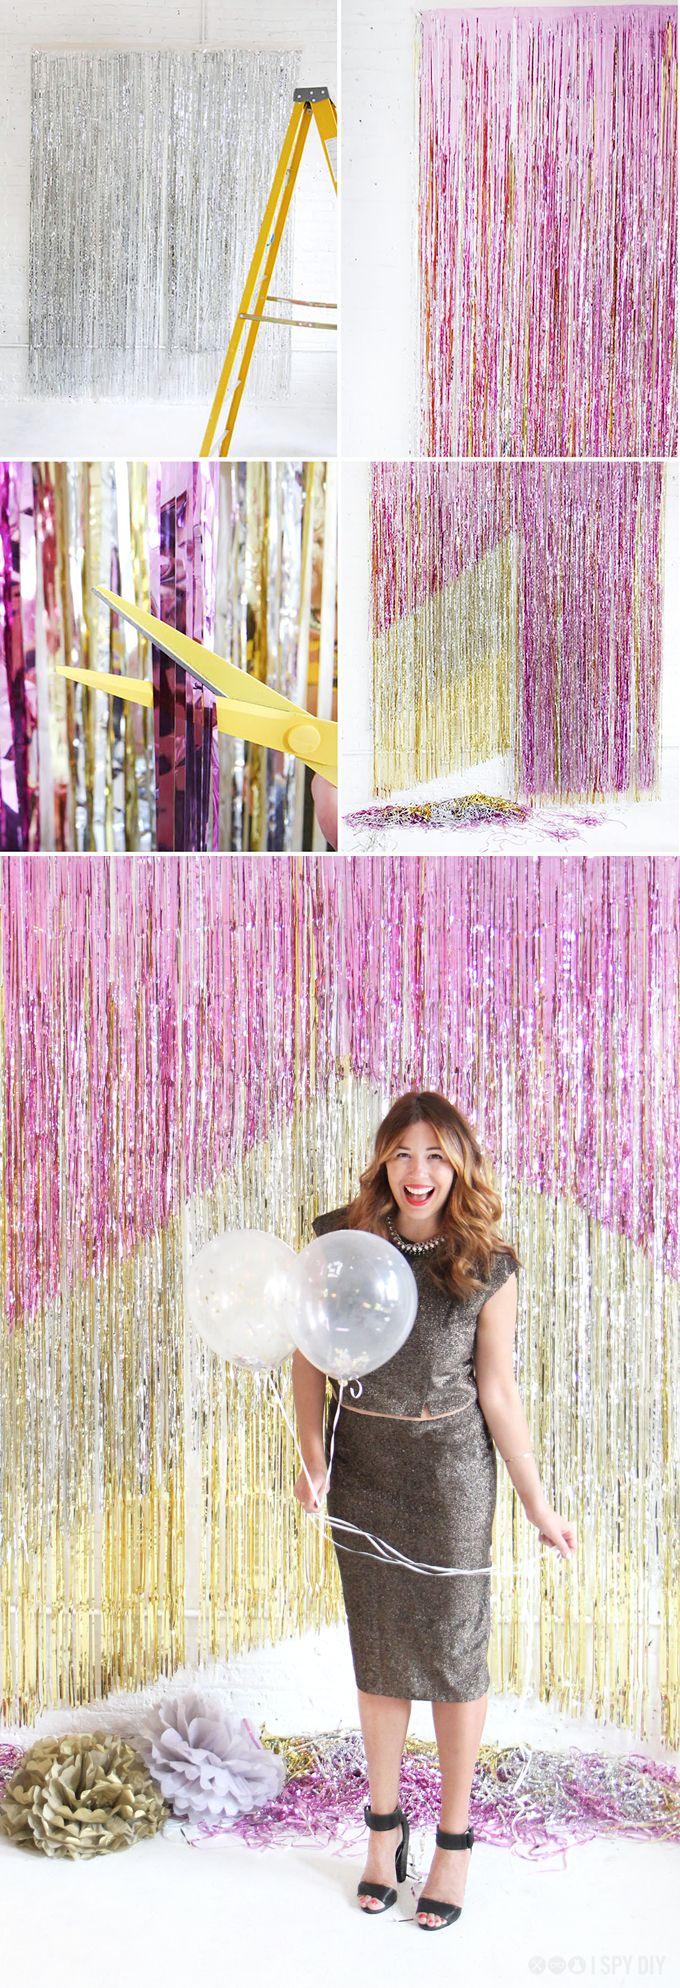 Glamour pur! DIY Hintergrund für Fotos, Glitzerwand für die Party >> The perfect photobooth backdrop for New Year's Eve!